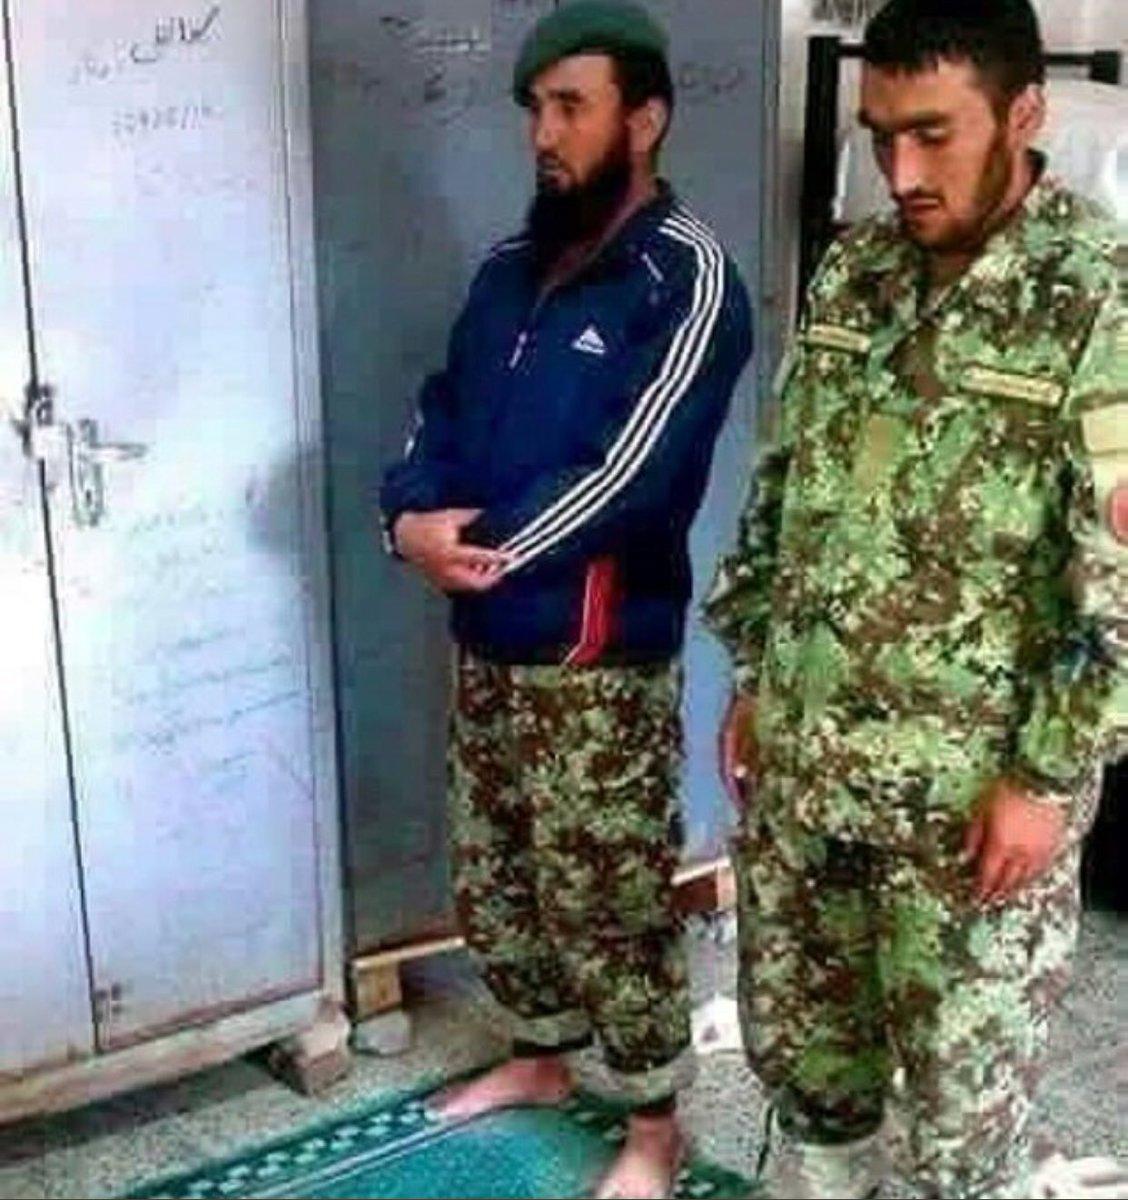 به  افتخار وحدت #شیعه و #سنی زنده باد نیروهای امنیتی نابود باد شدمن تفرقه افگن #ThisIsANDsF #Afghanistan #ANDSf